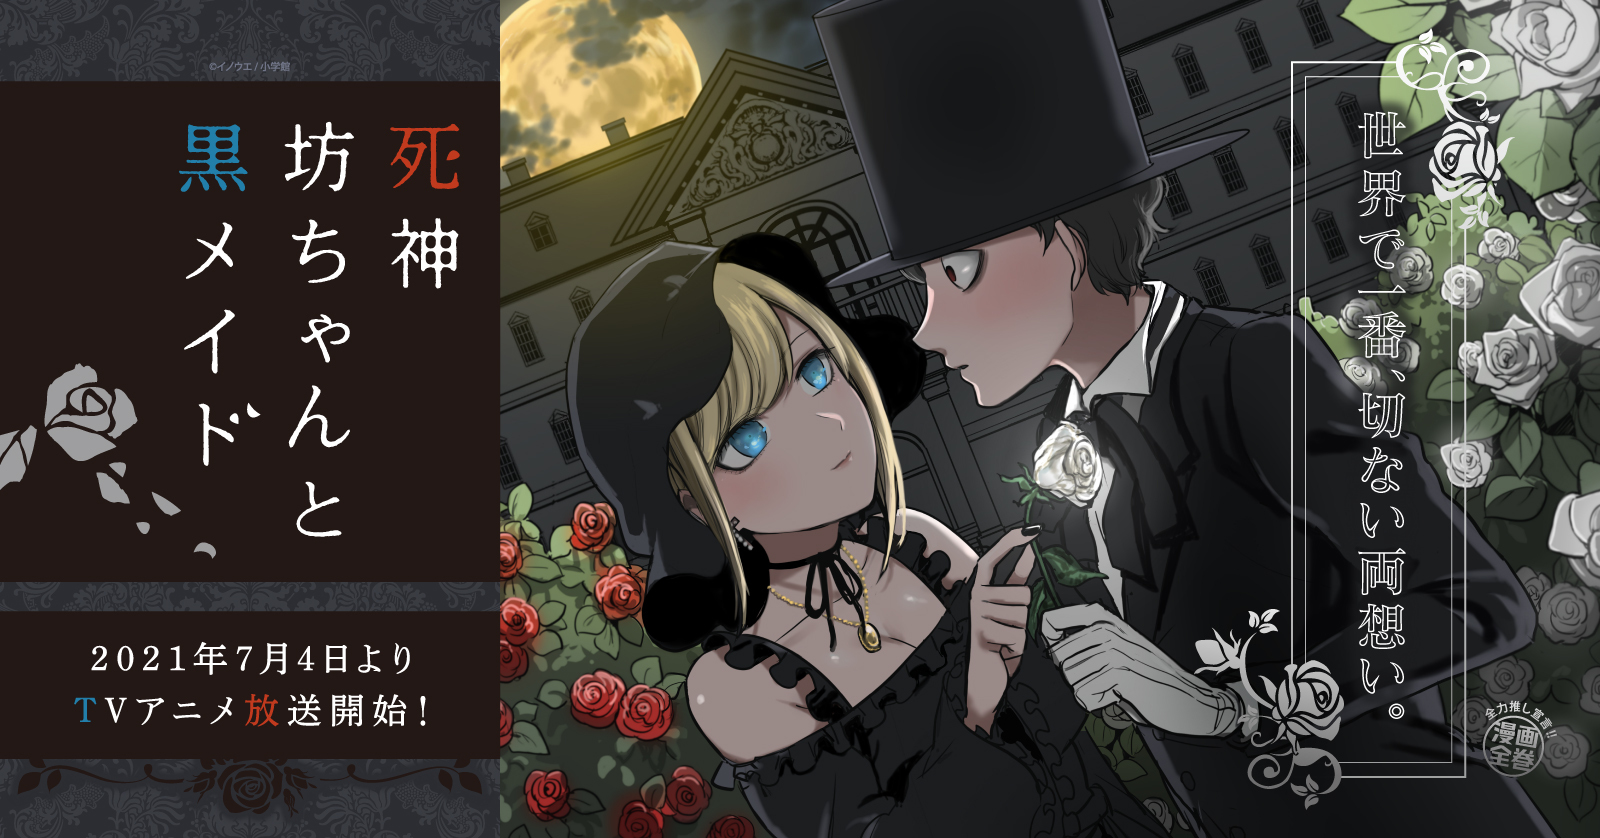 【全力推し宣言!!】『死神坊ちゃんと黒メイド』特集ページ